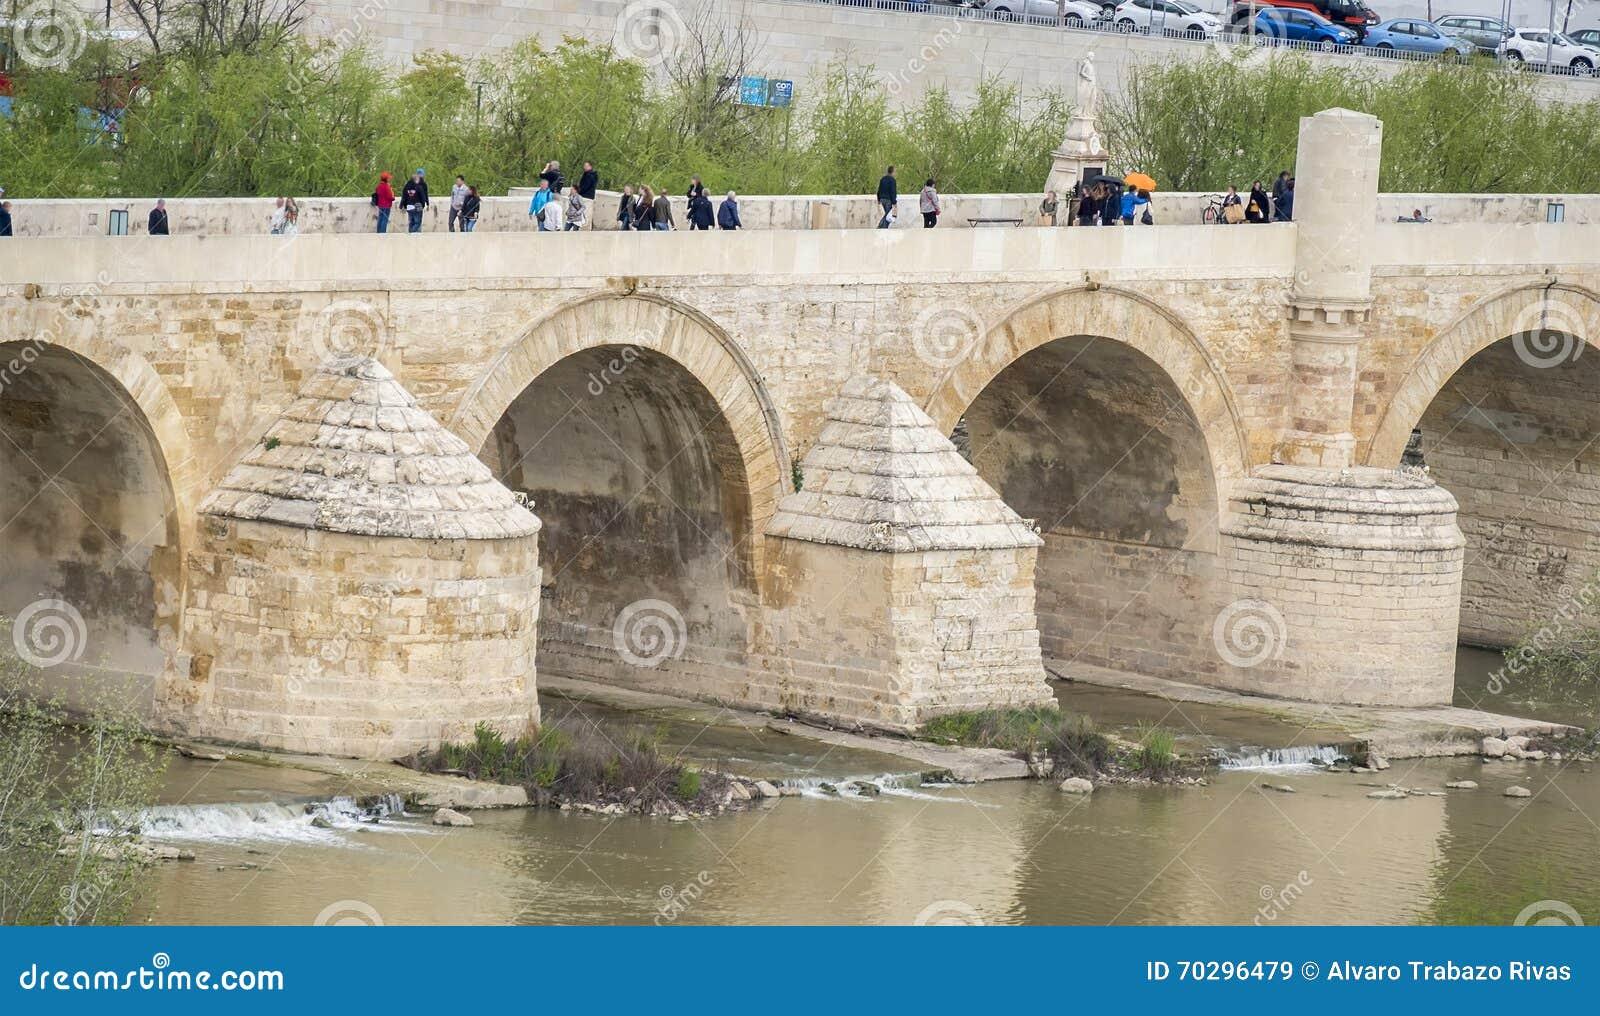 Cordoba Roman bridge over the river Guadalquivir, Spain